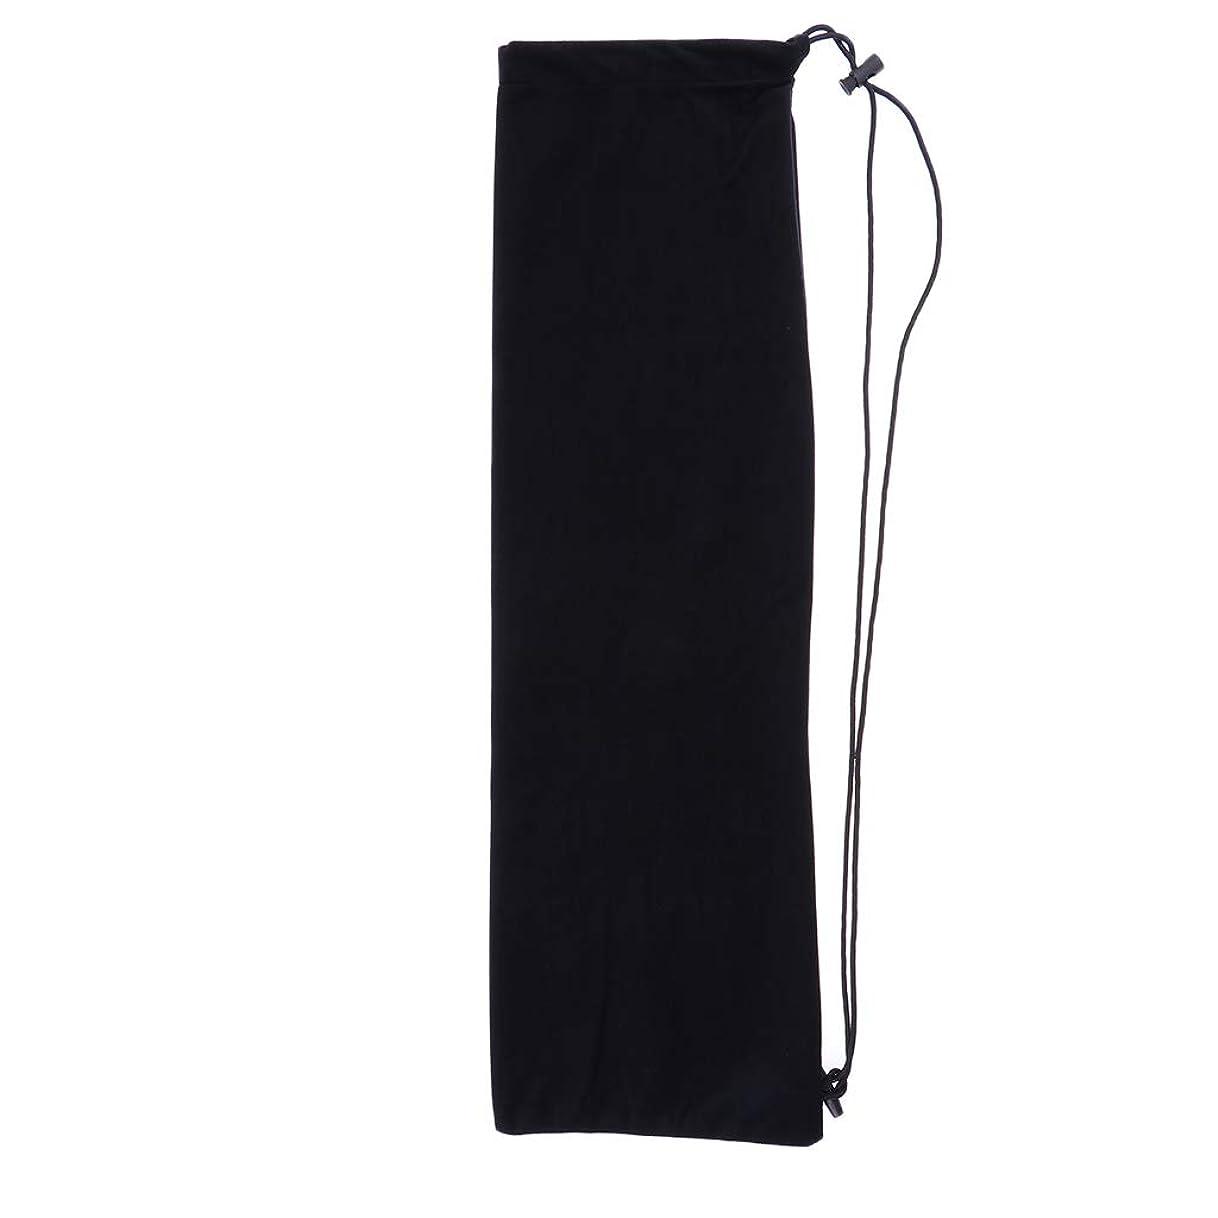 一緒立派な適度なDYNWAVE バドミントン 巾着 ショルダーパック ラケット ソフト ケース ラケット カバー バドミントン アクセサリー